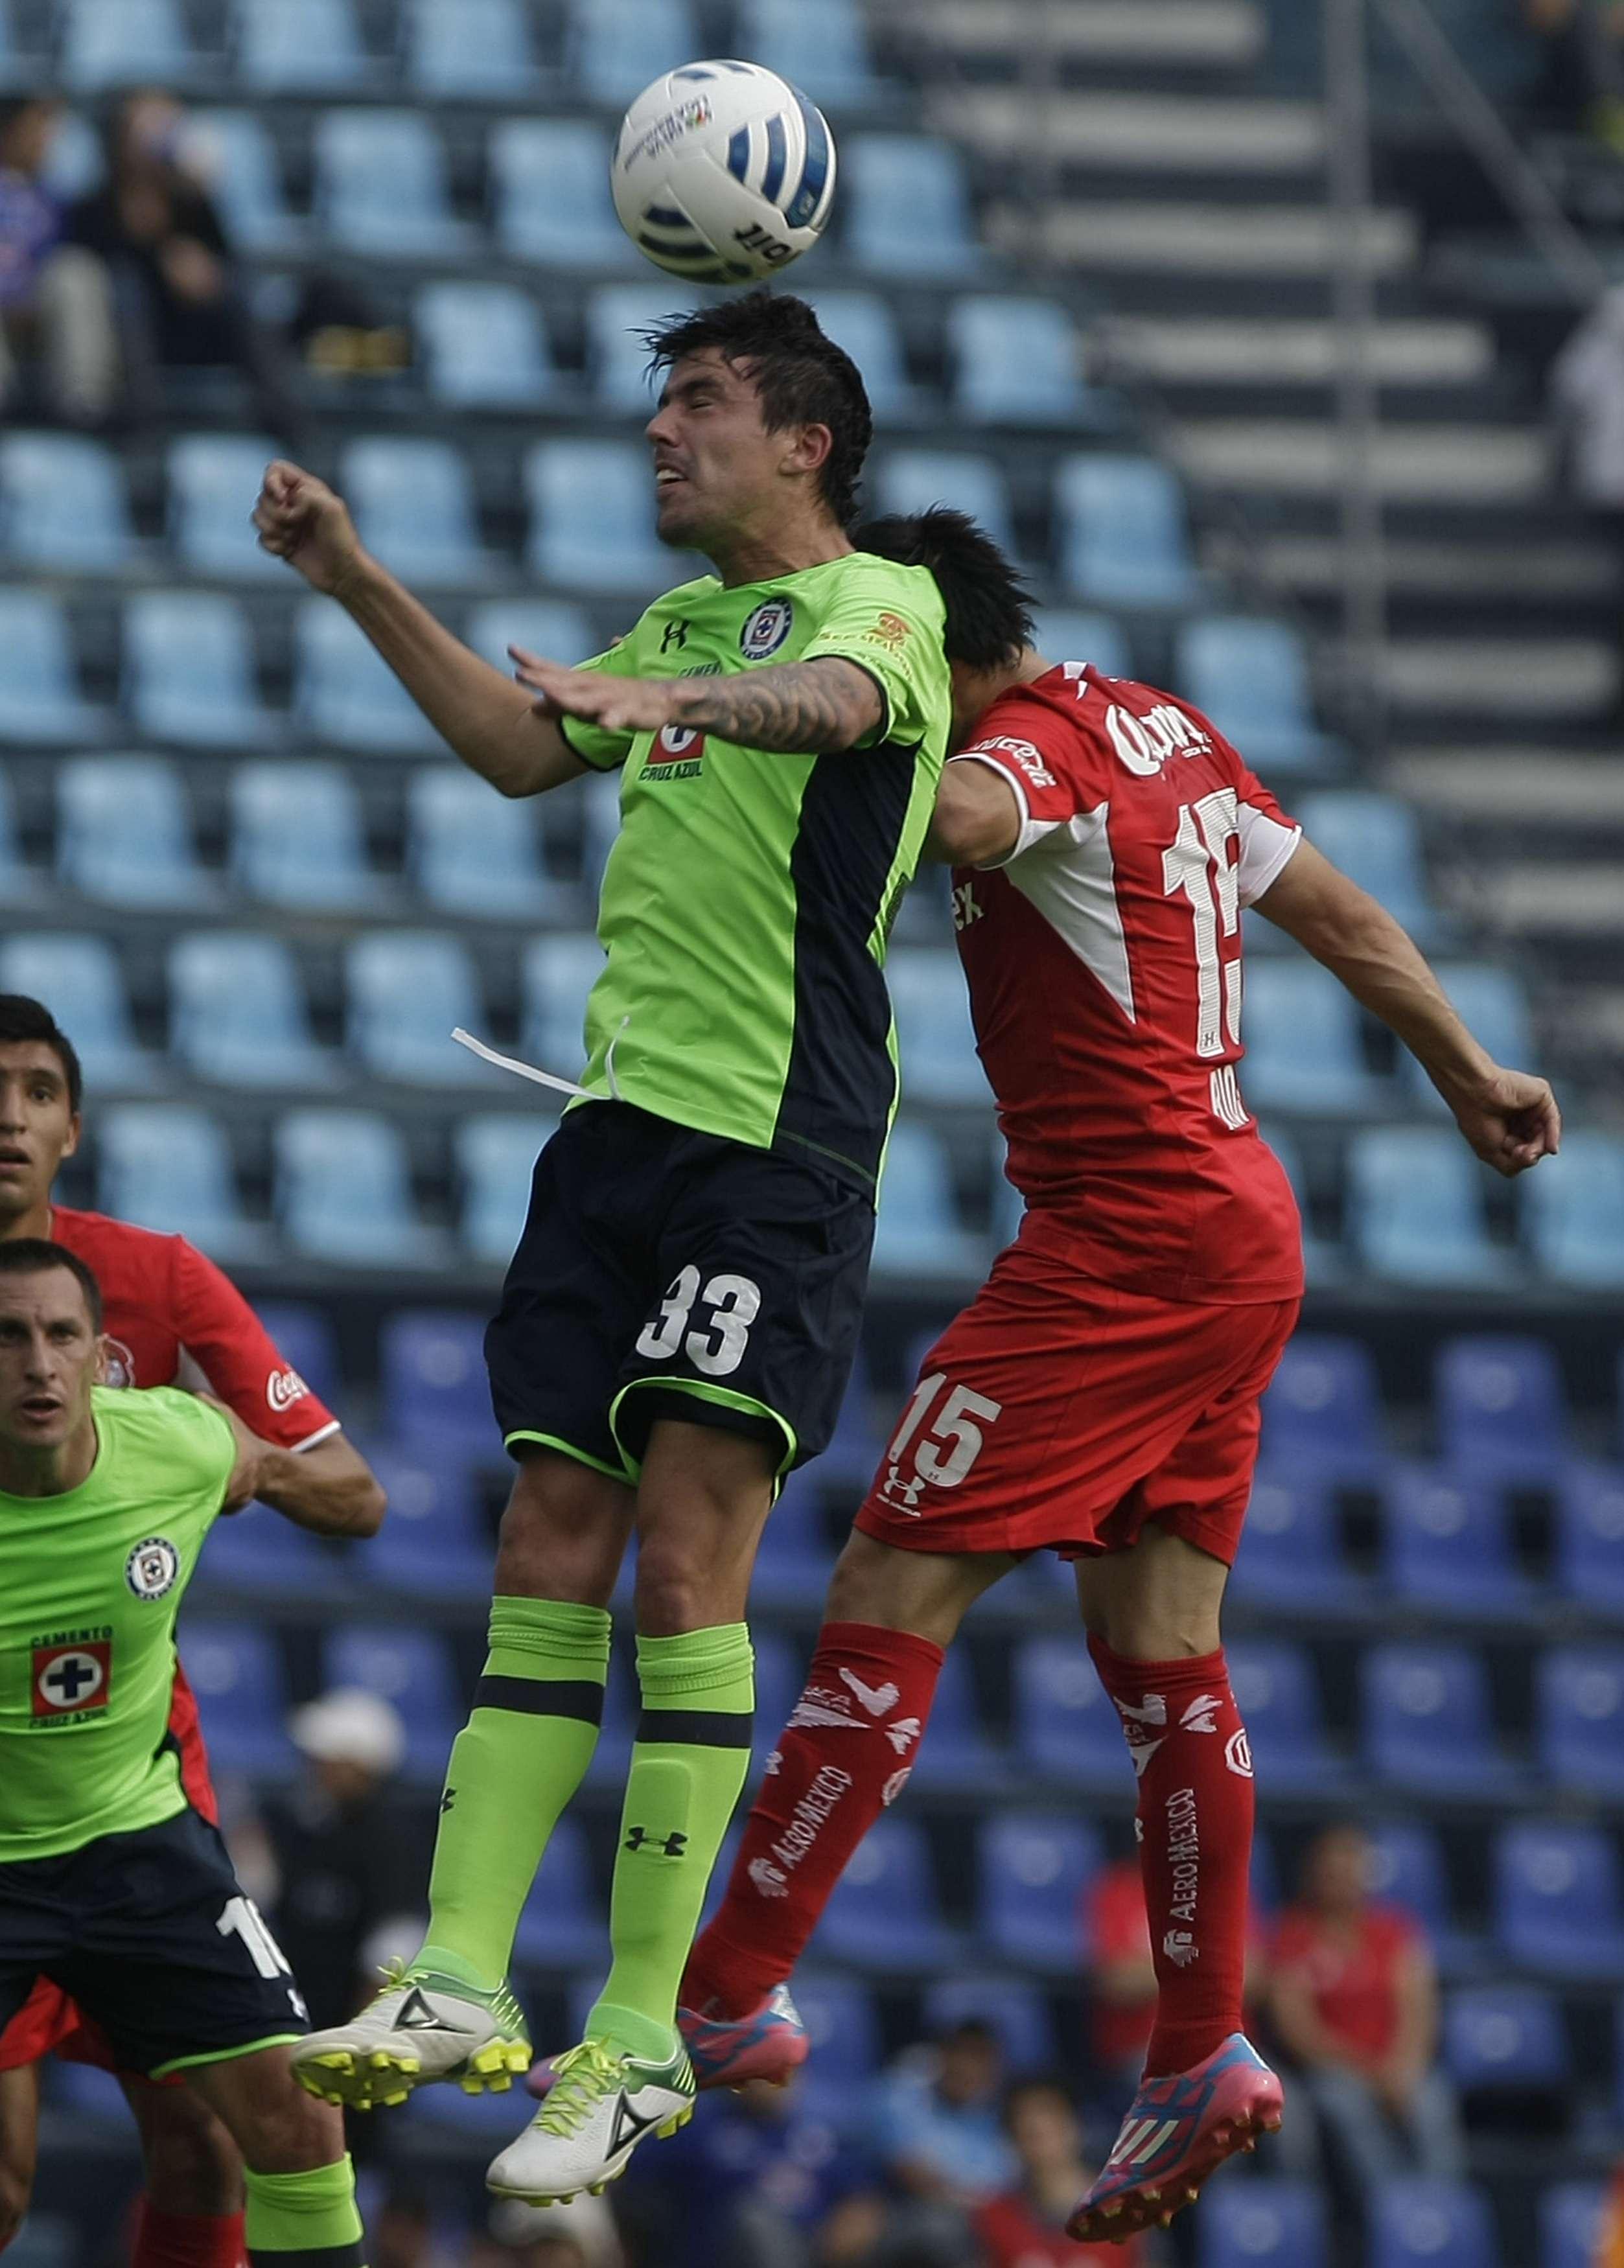 Formica lamenta la falta de gol en Cruz Azul. Foto: Mexsport